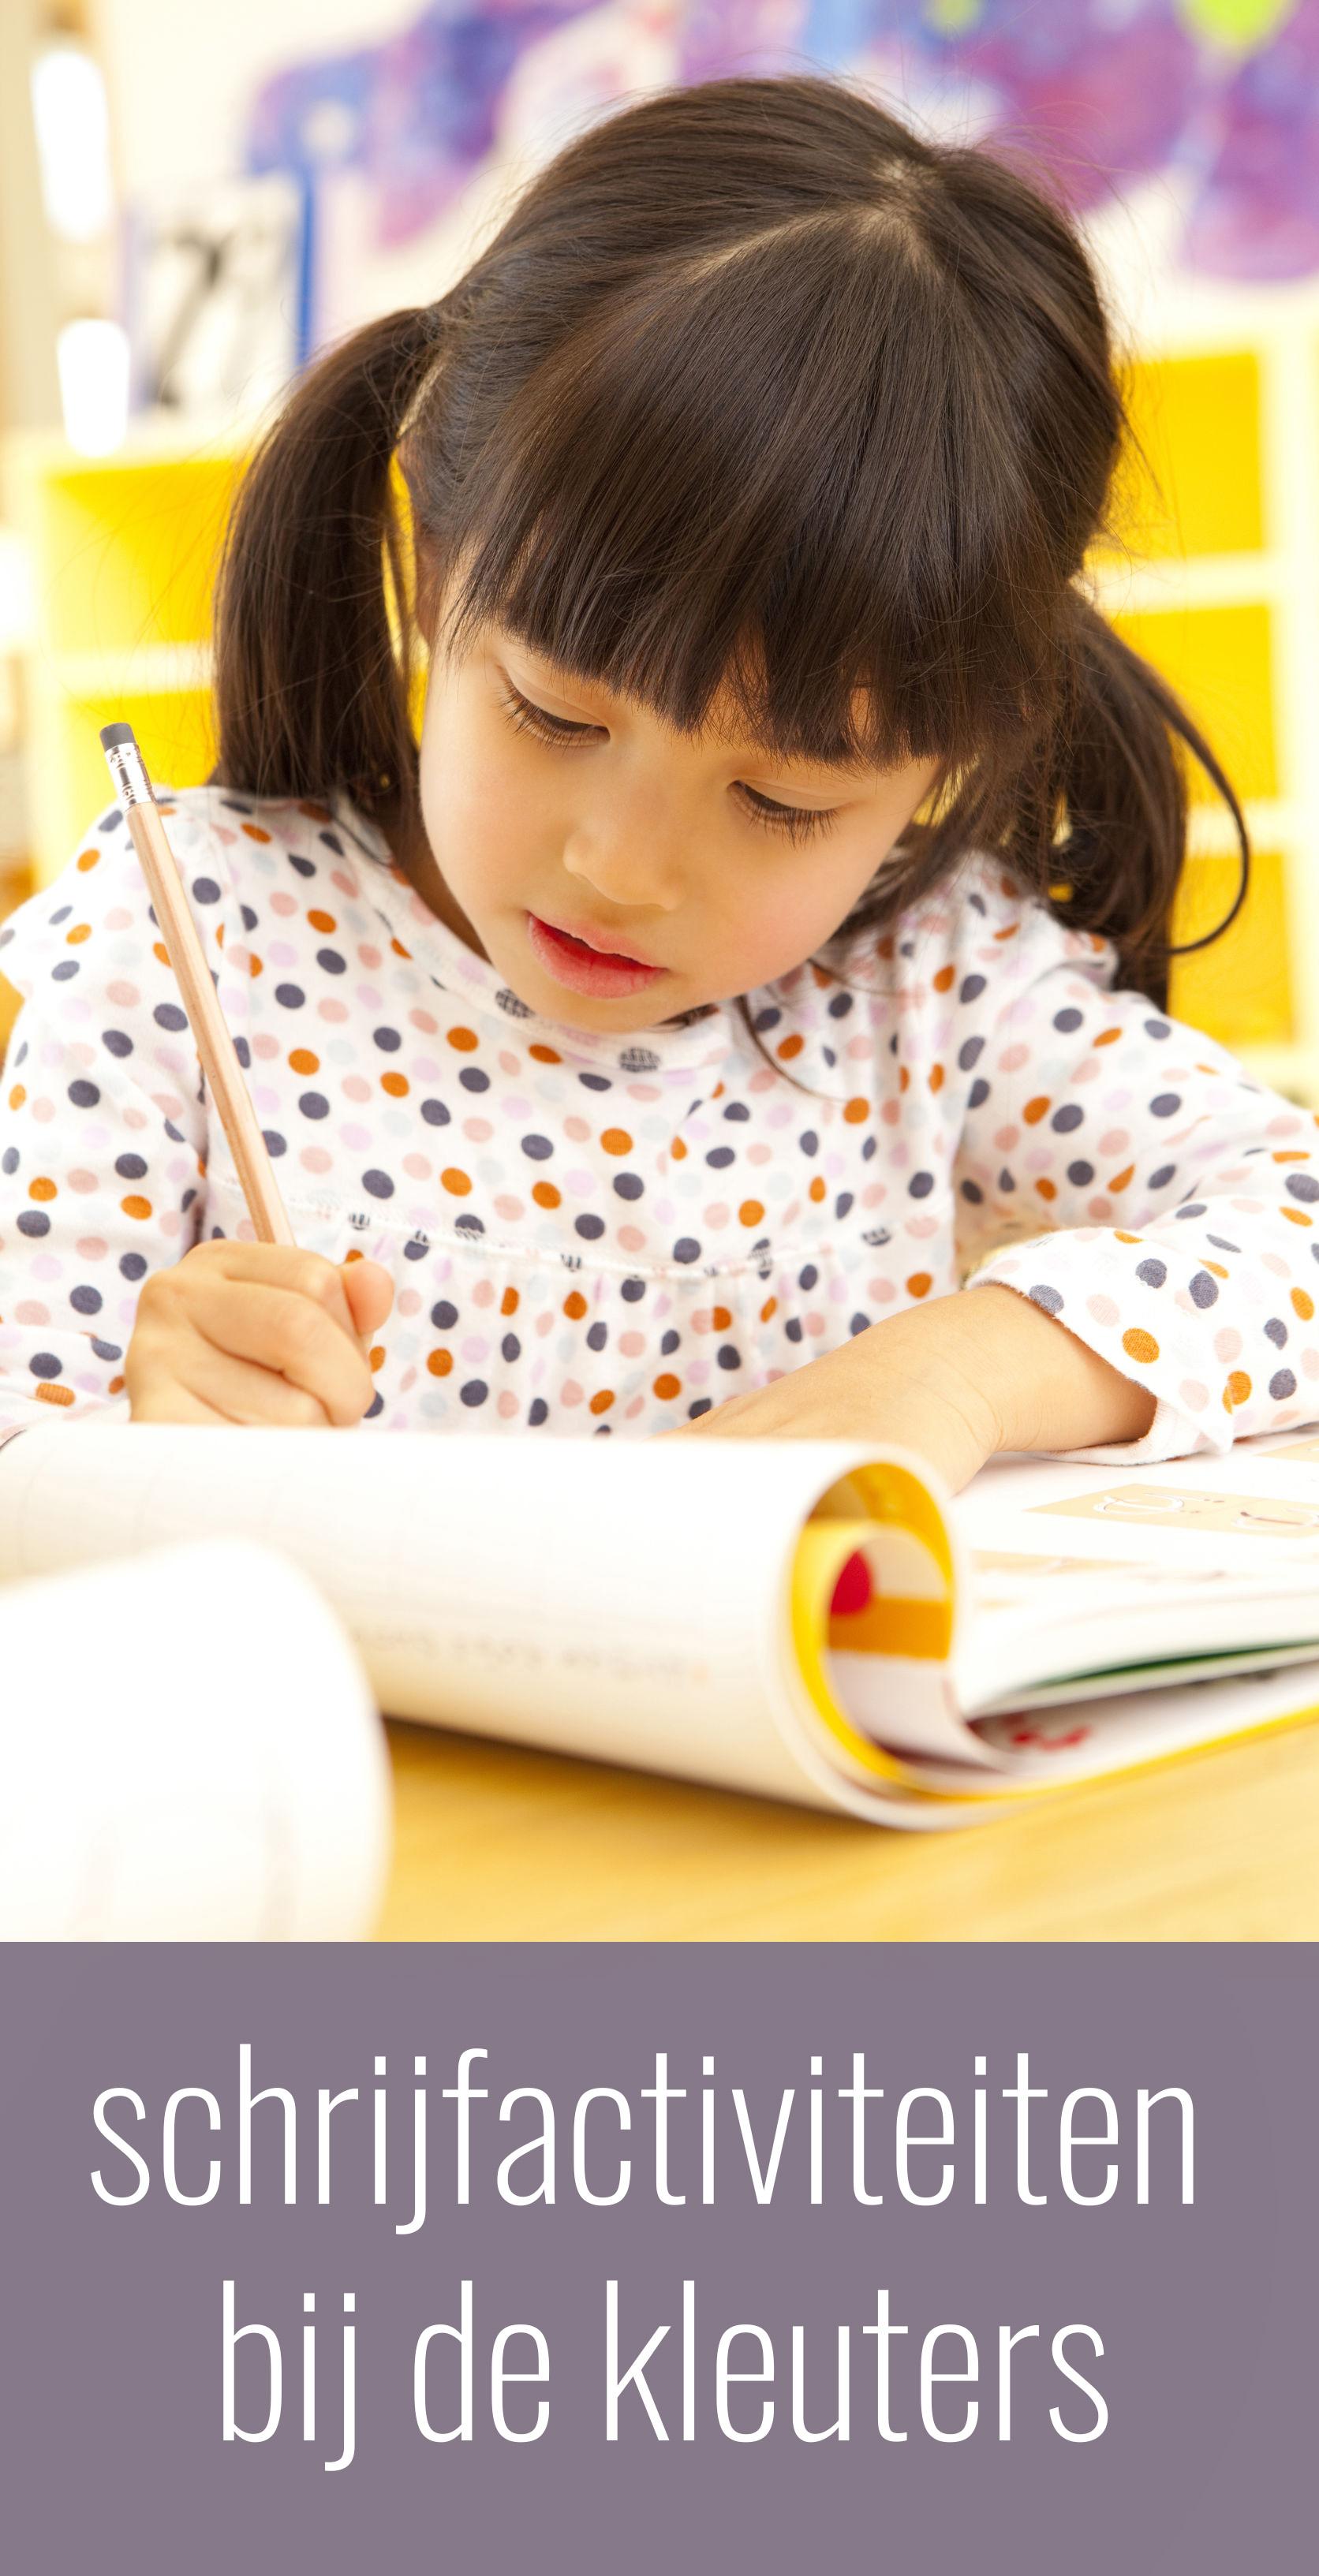 schrijfactiviteiten bij de kleuters